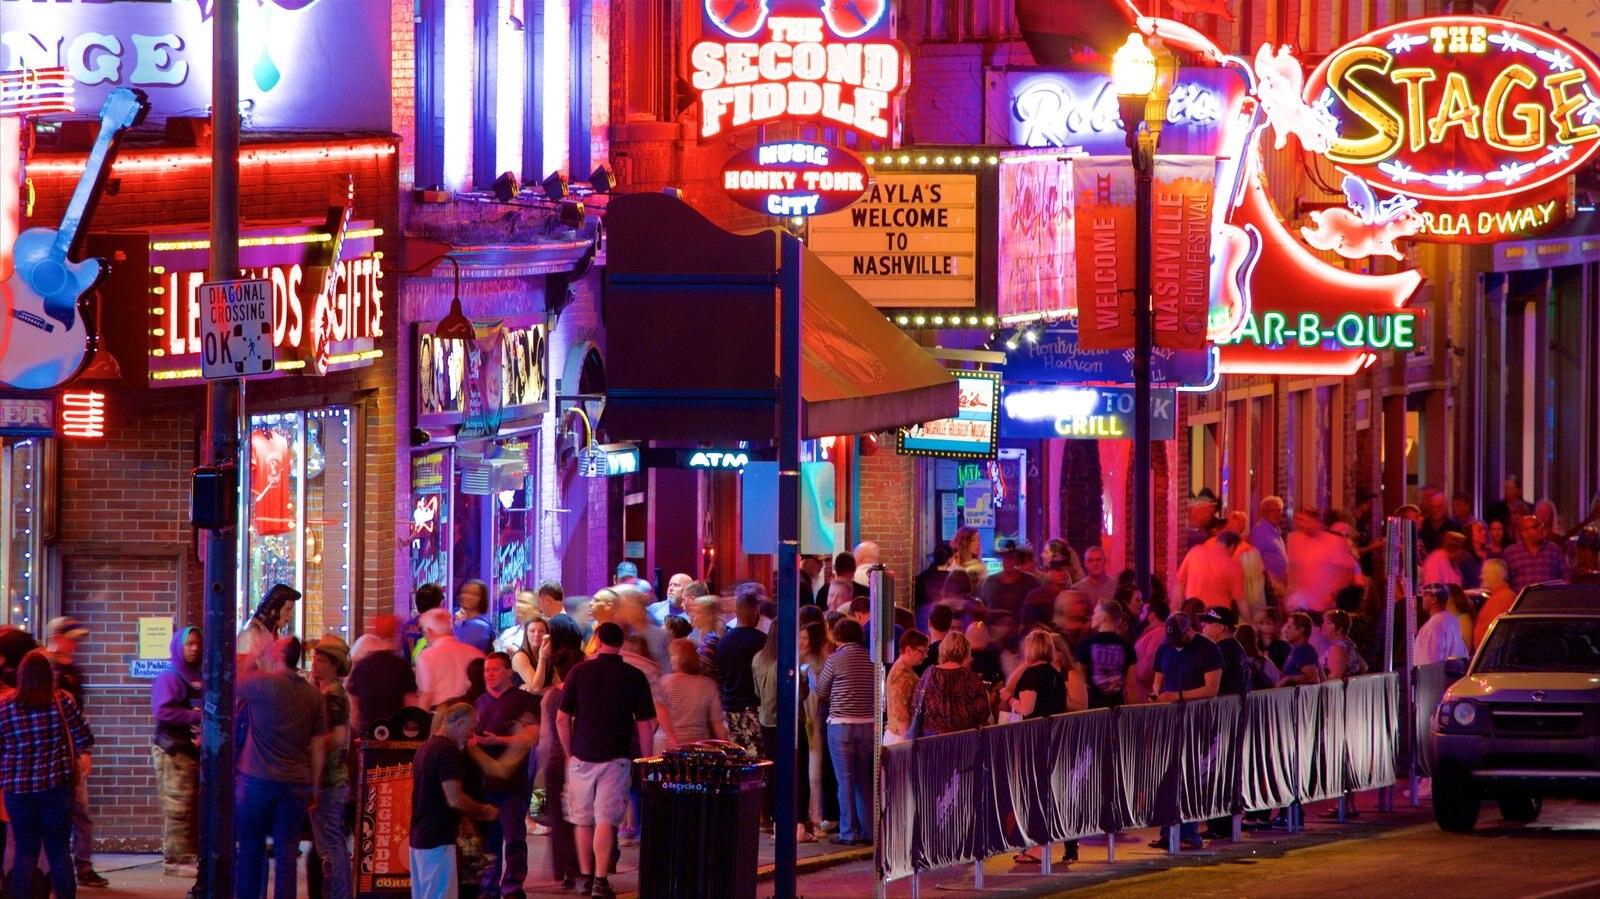 Nashville que incluye escenas nocturnas, vida nocturna y señalización